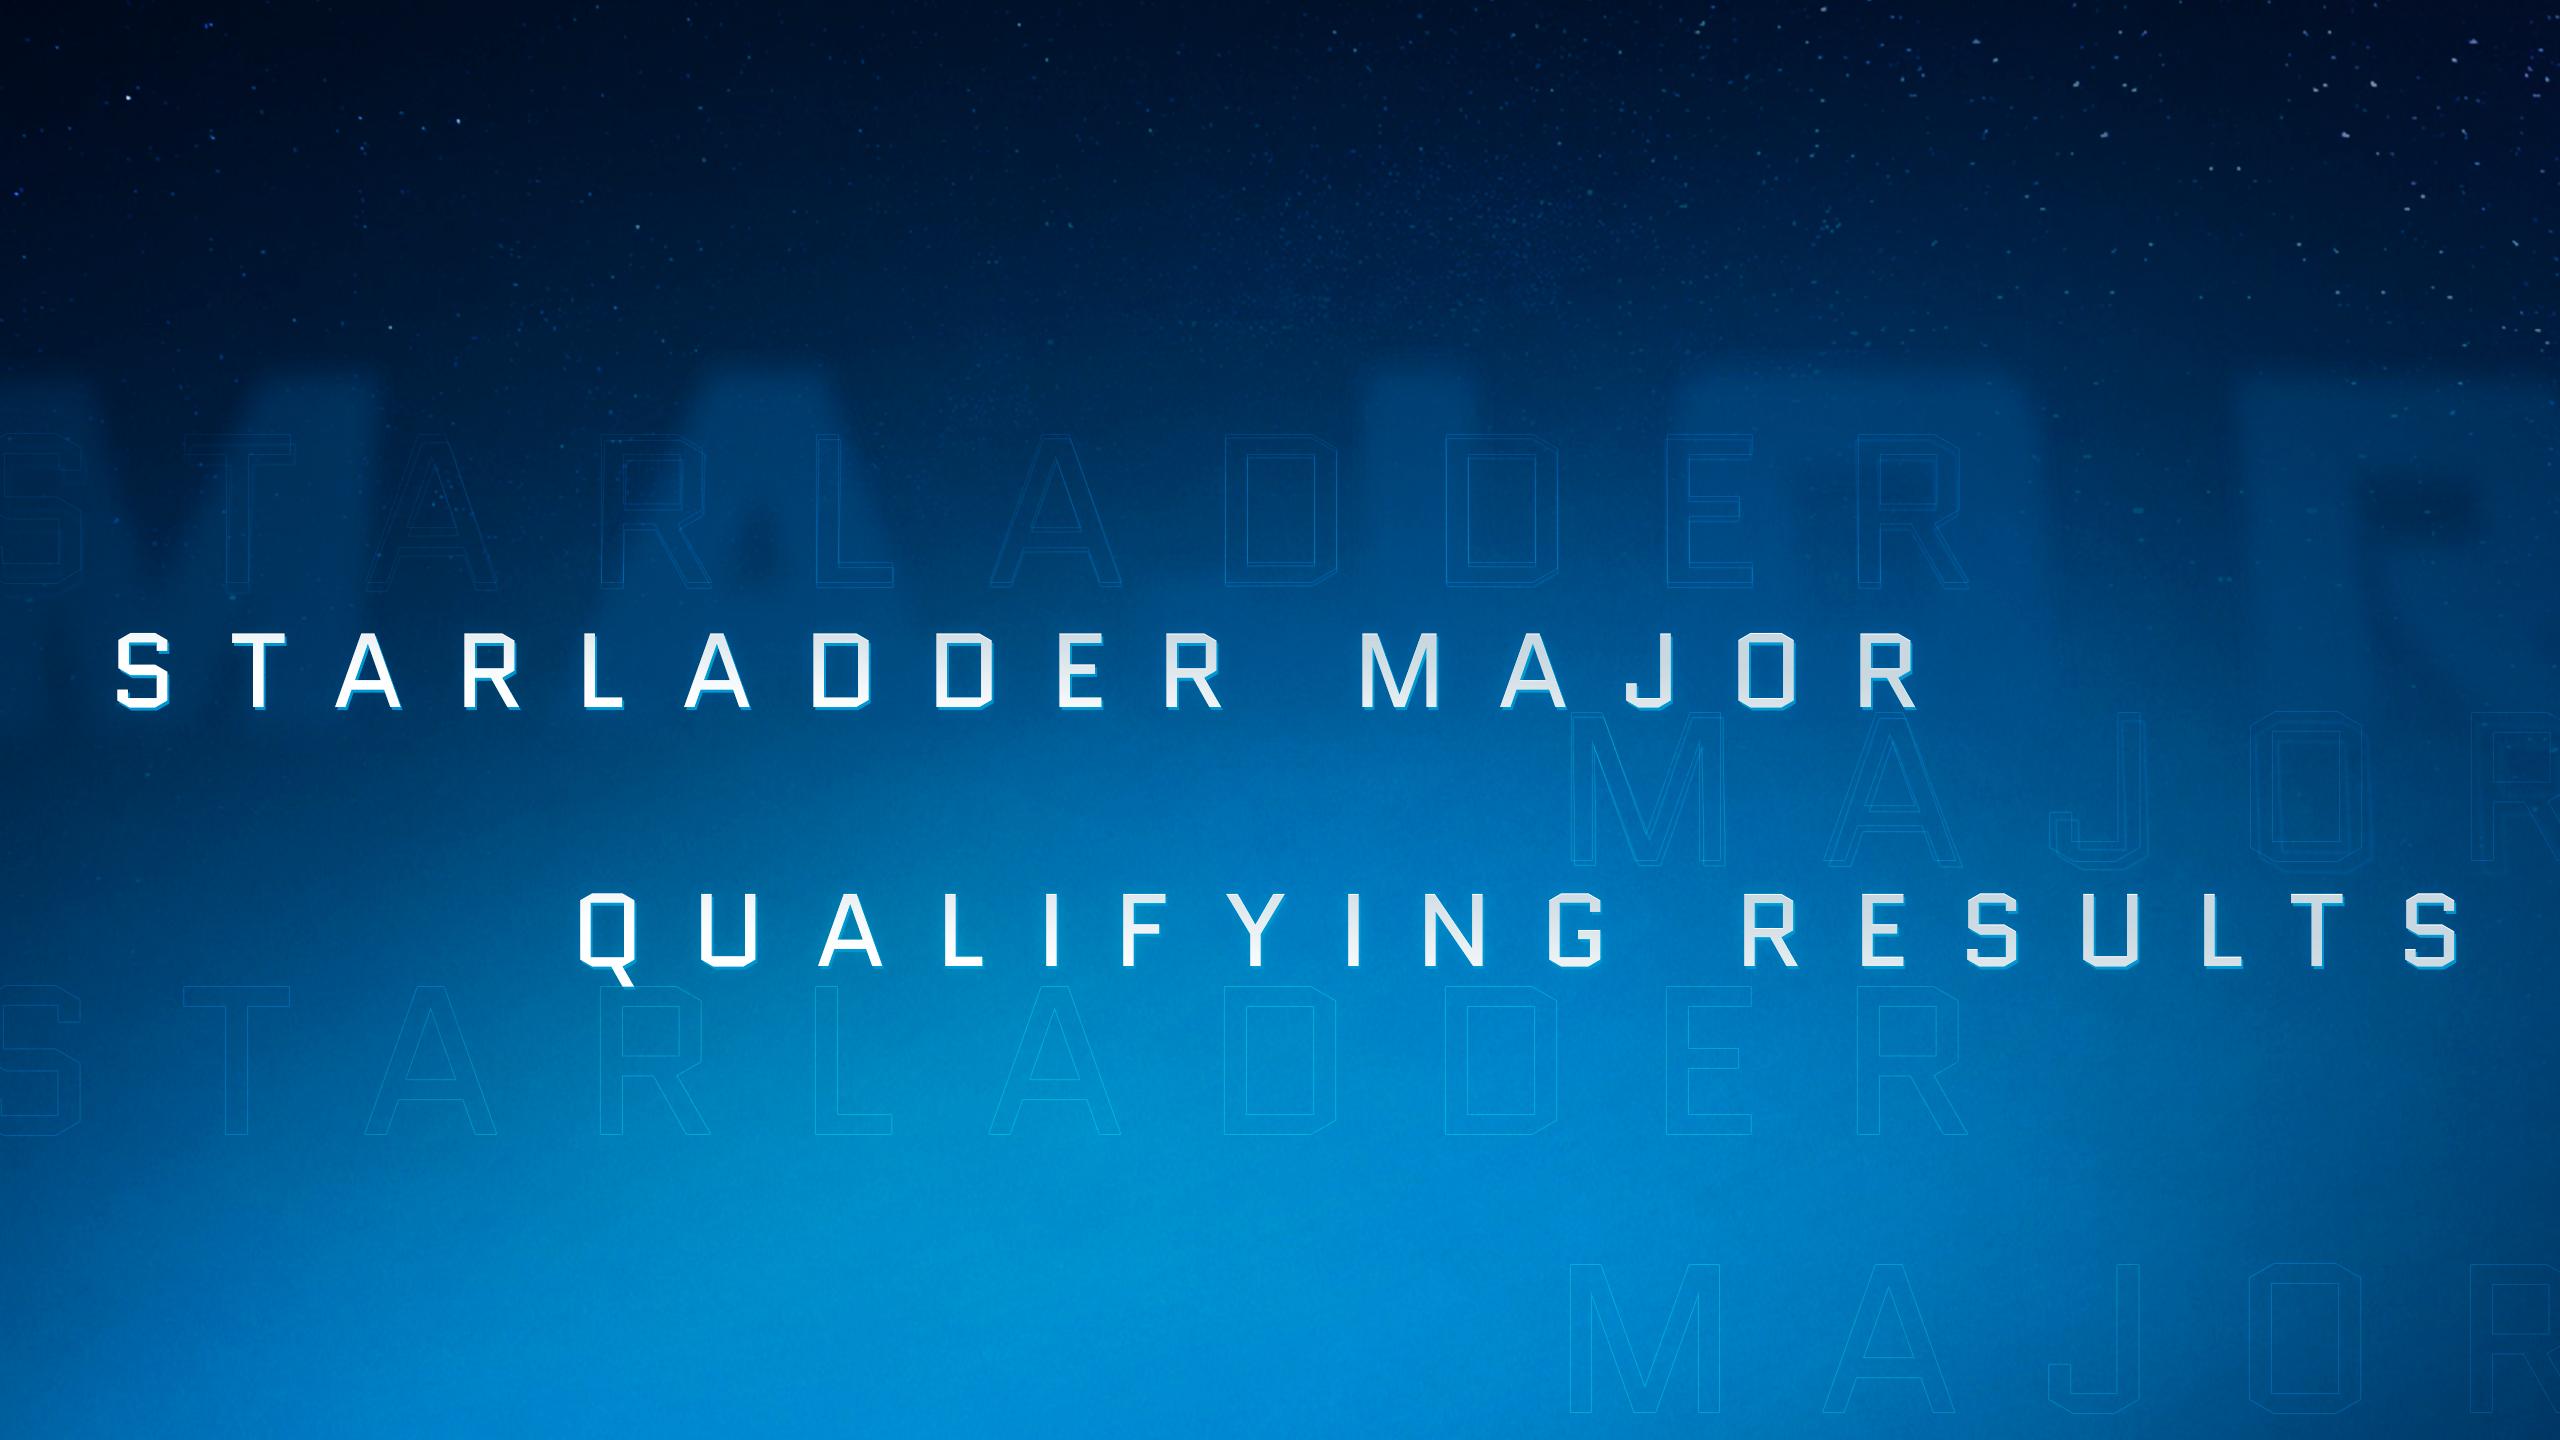 Итоги закрытых квалификаций к StarLadder Major 2019